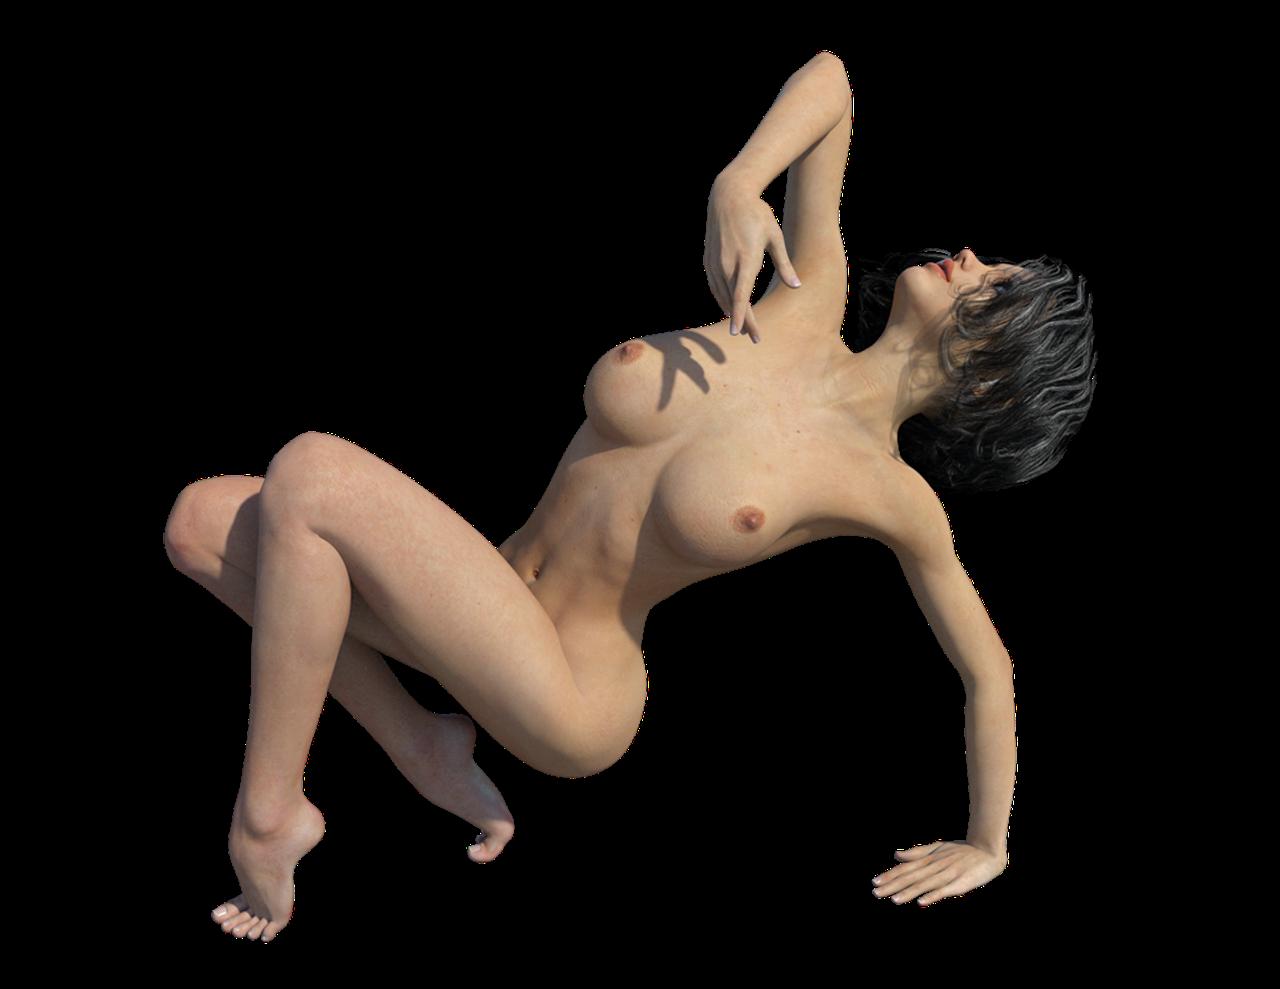 Nude Girl Women